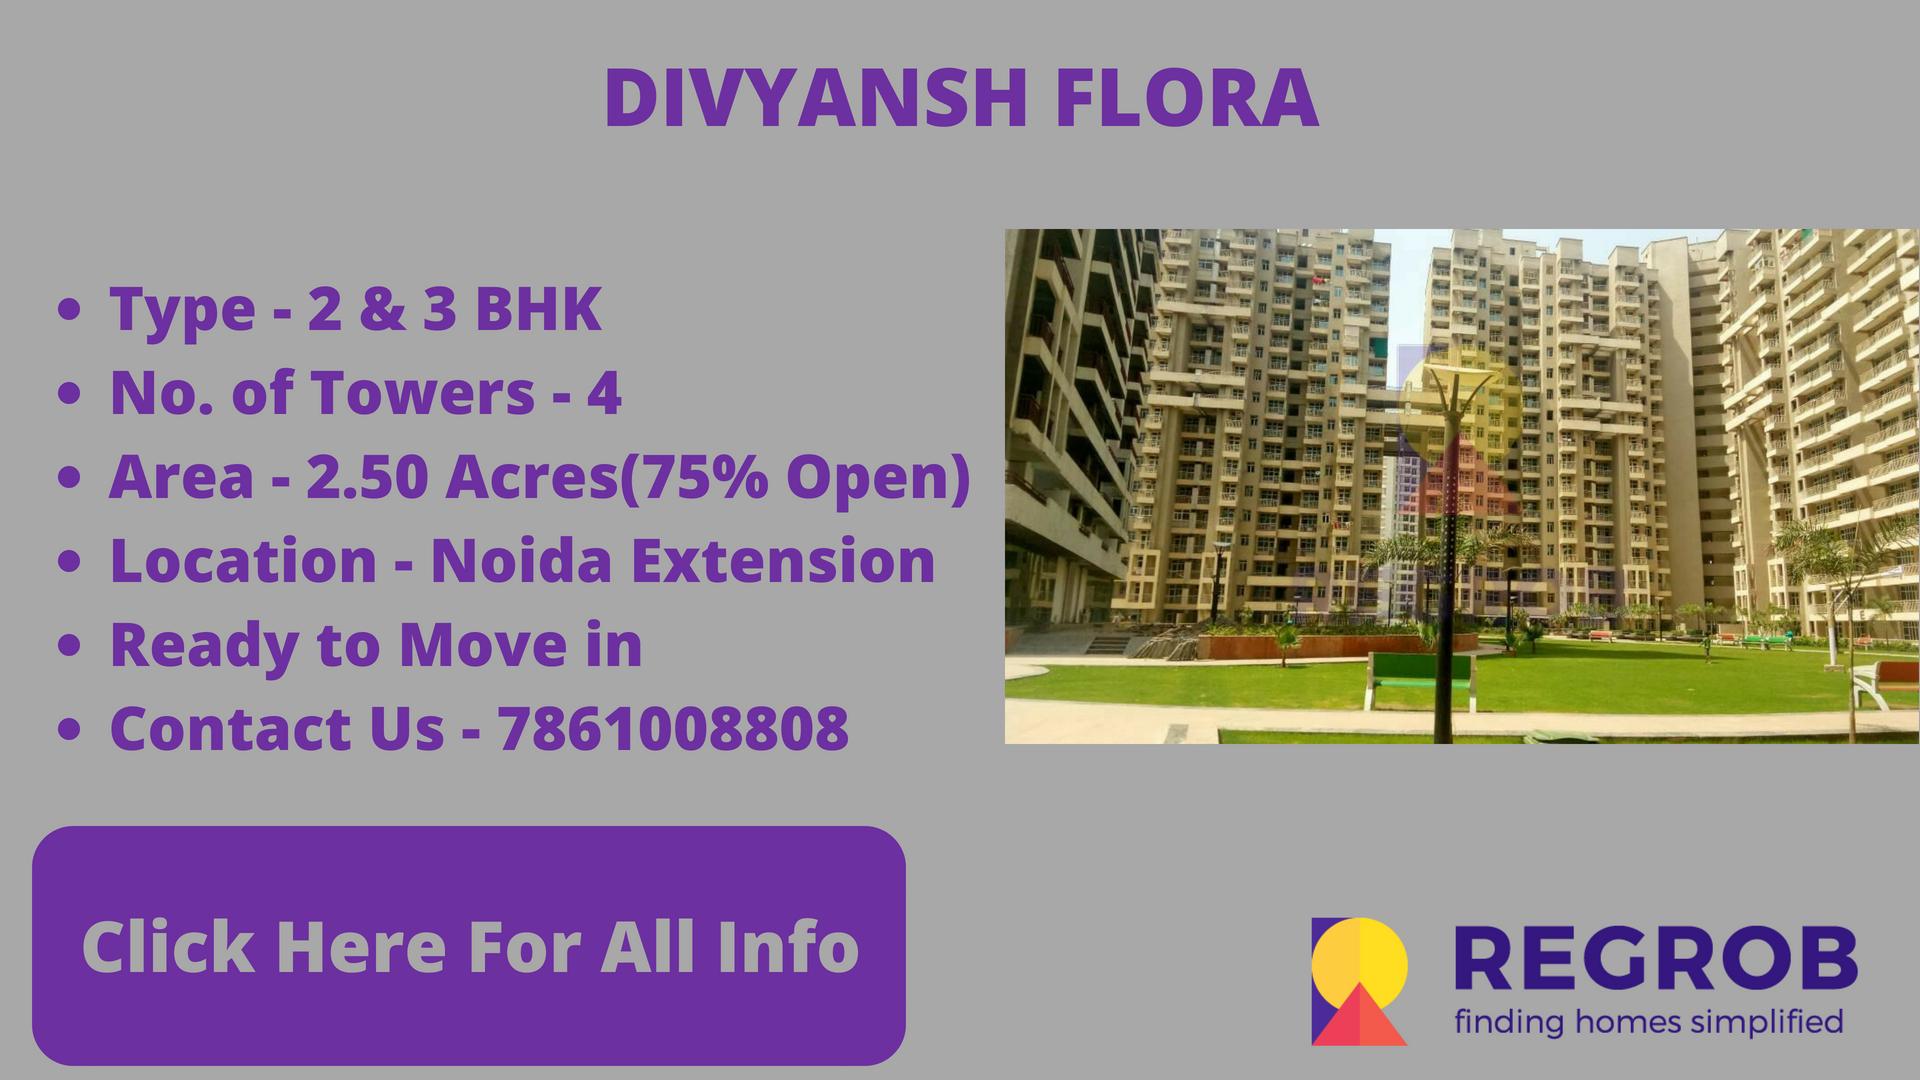 DIVYANSH FLORA gaur city 2